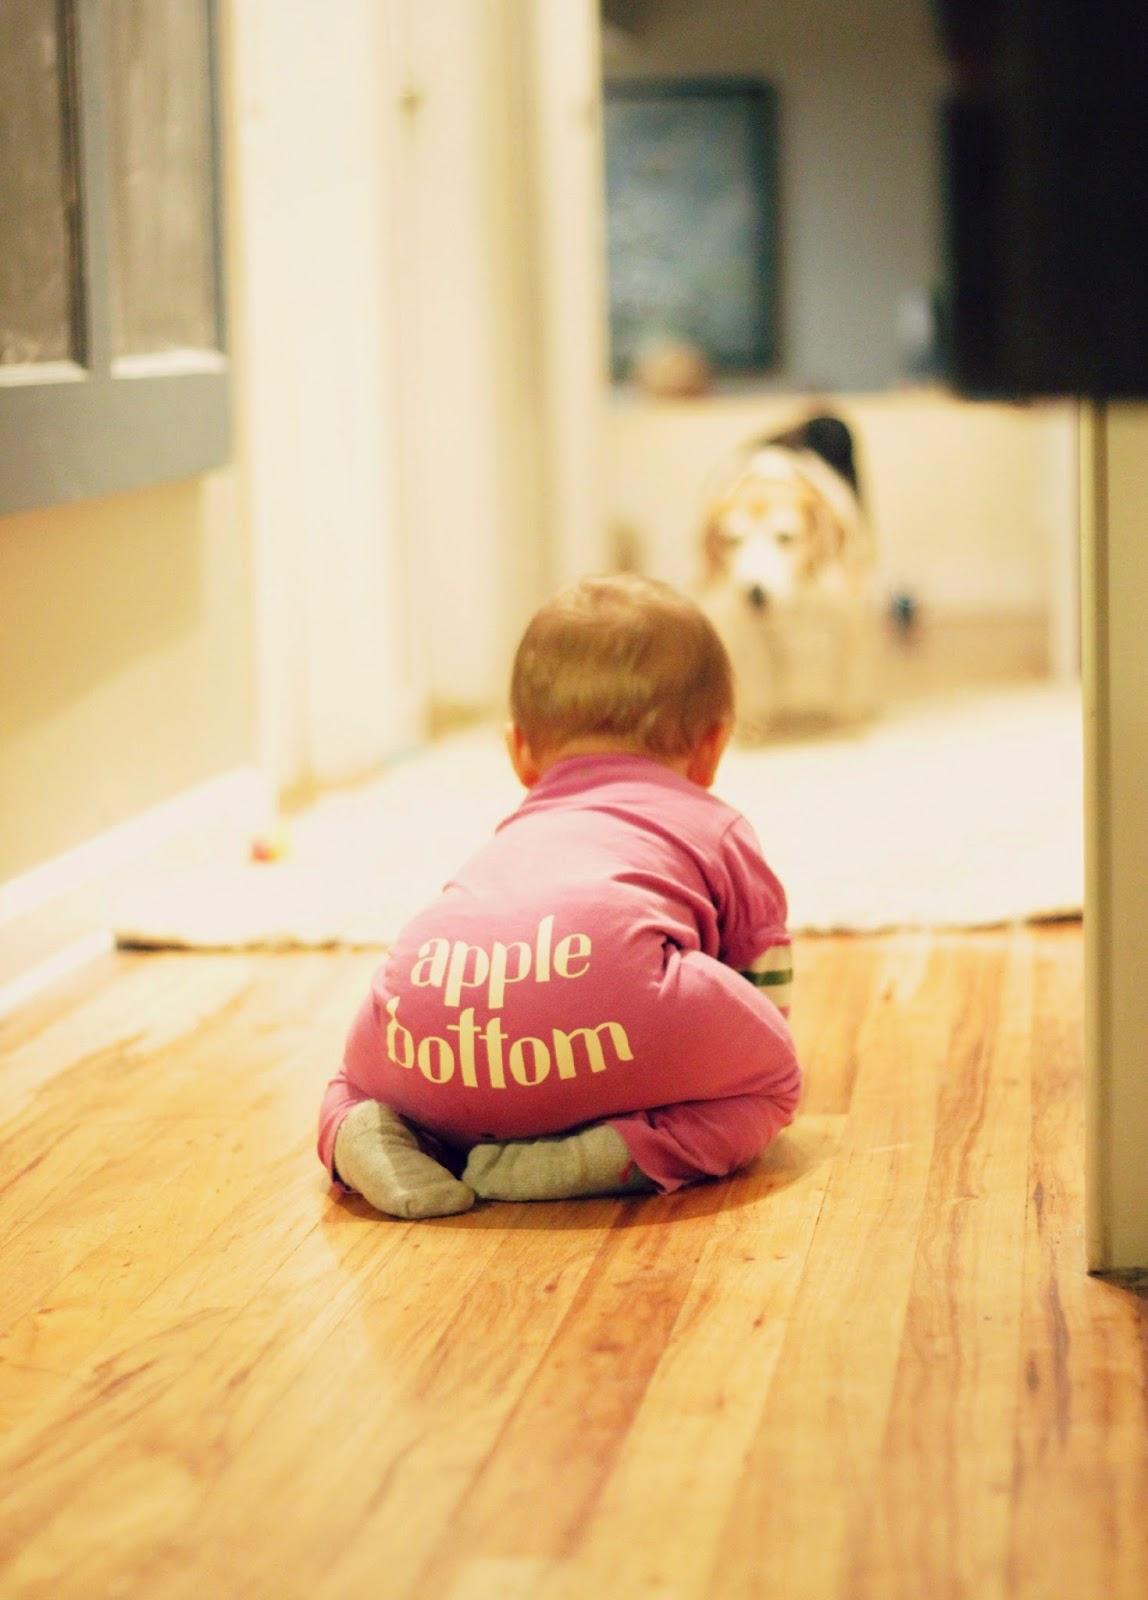 e4ec5-apple2bbottom.jpg